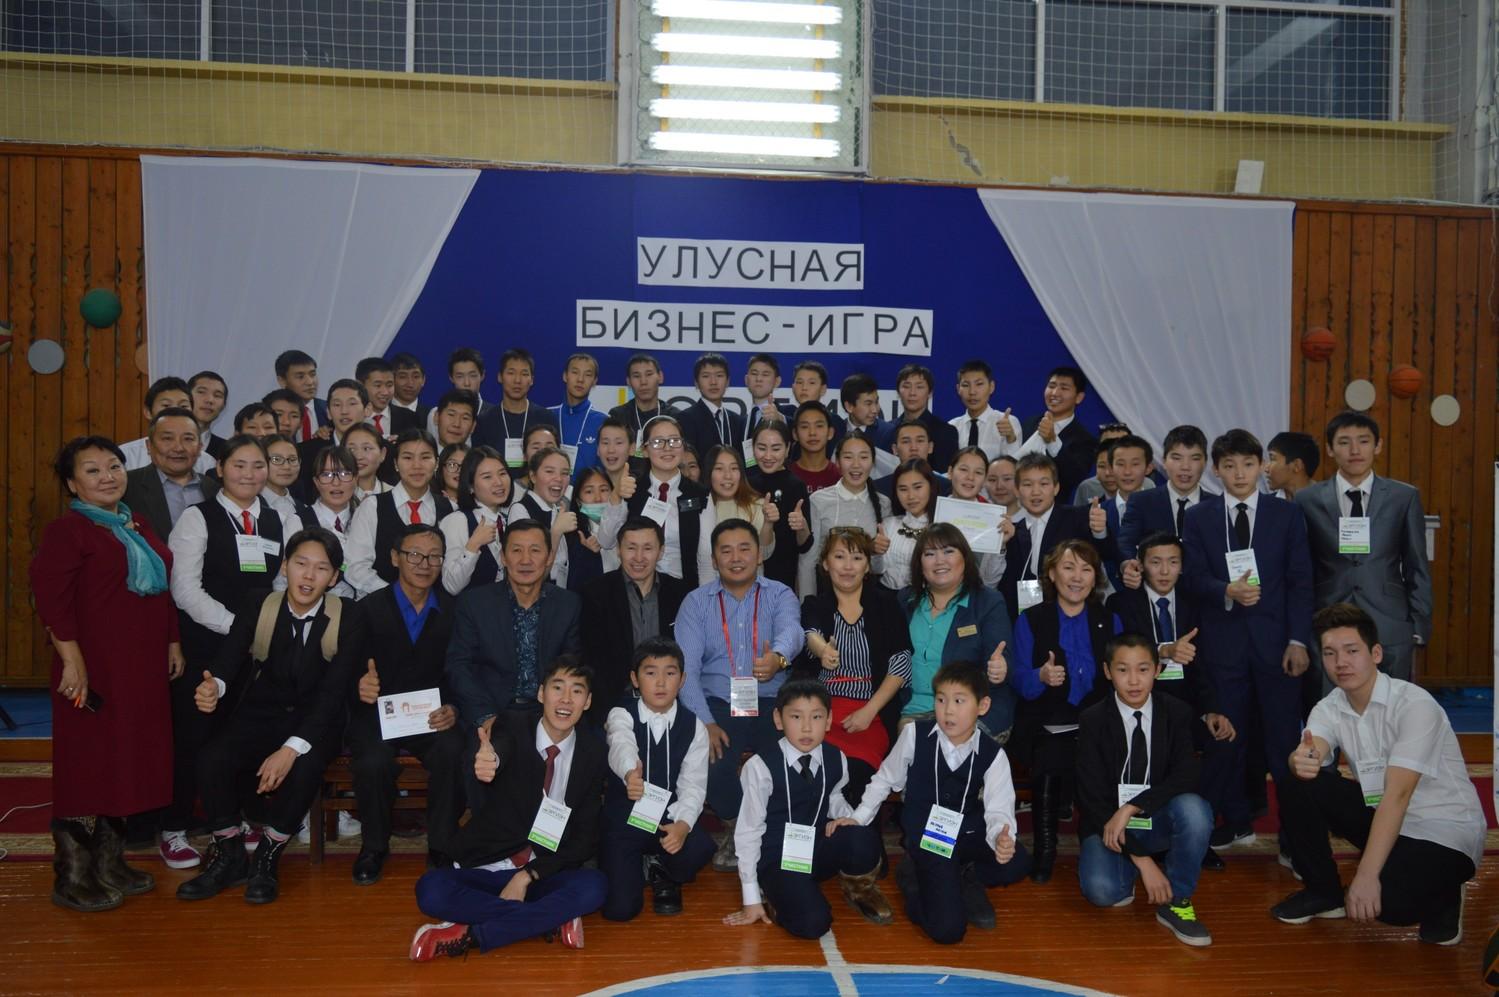 Просмотр группового школьного анала фото 433-377